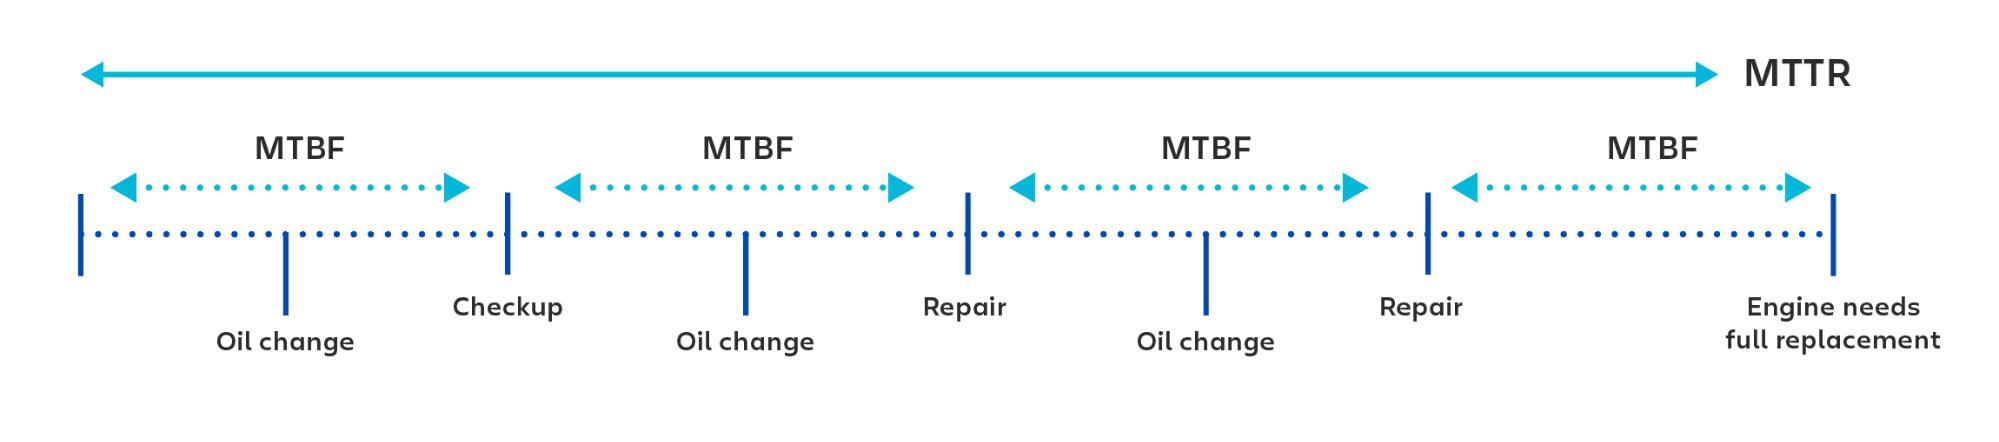 Ejemplo visual del uso de MTBF (tiempo medio entre fallos) al calcular el tiempo entre cada comprobación o reparación.